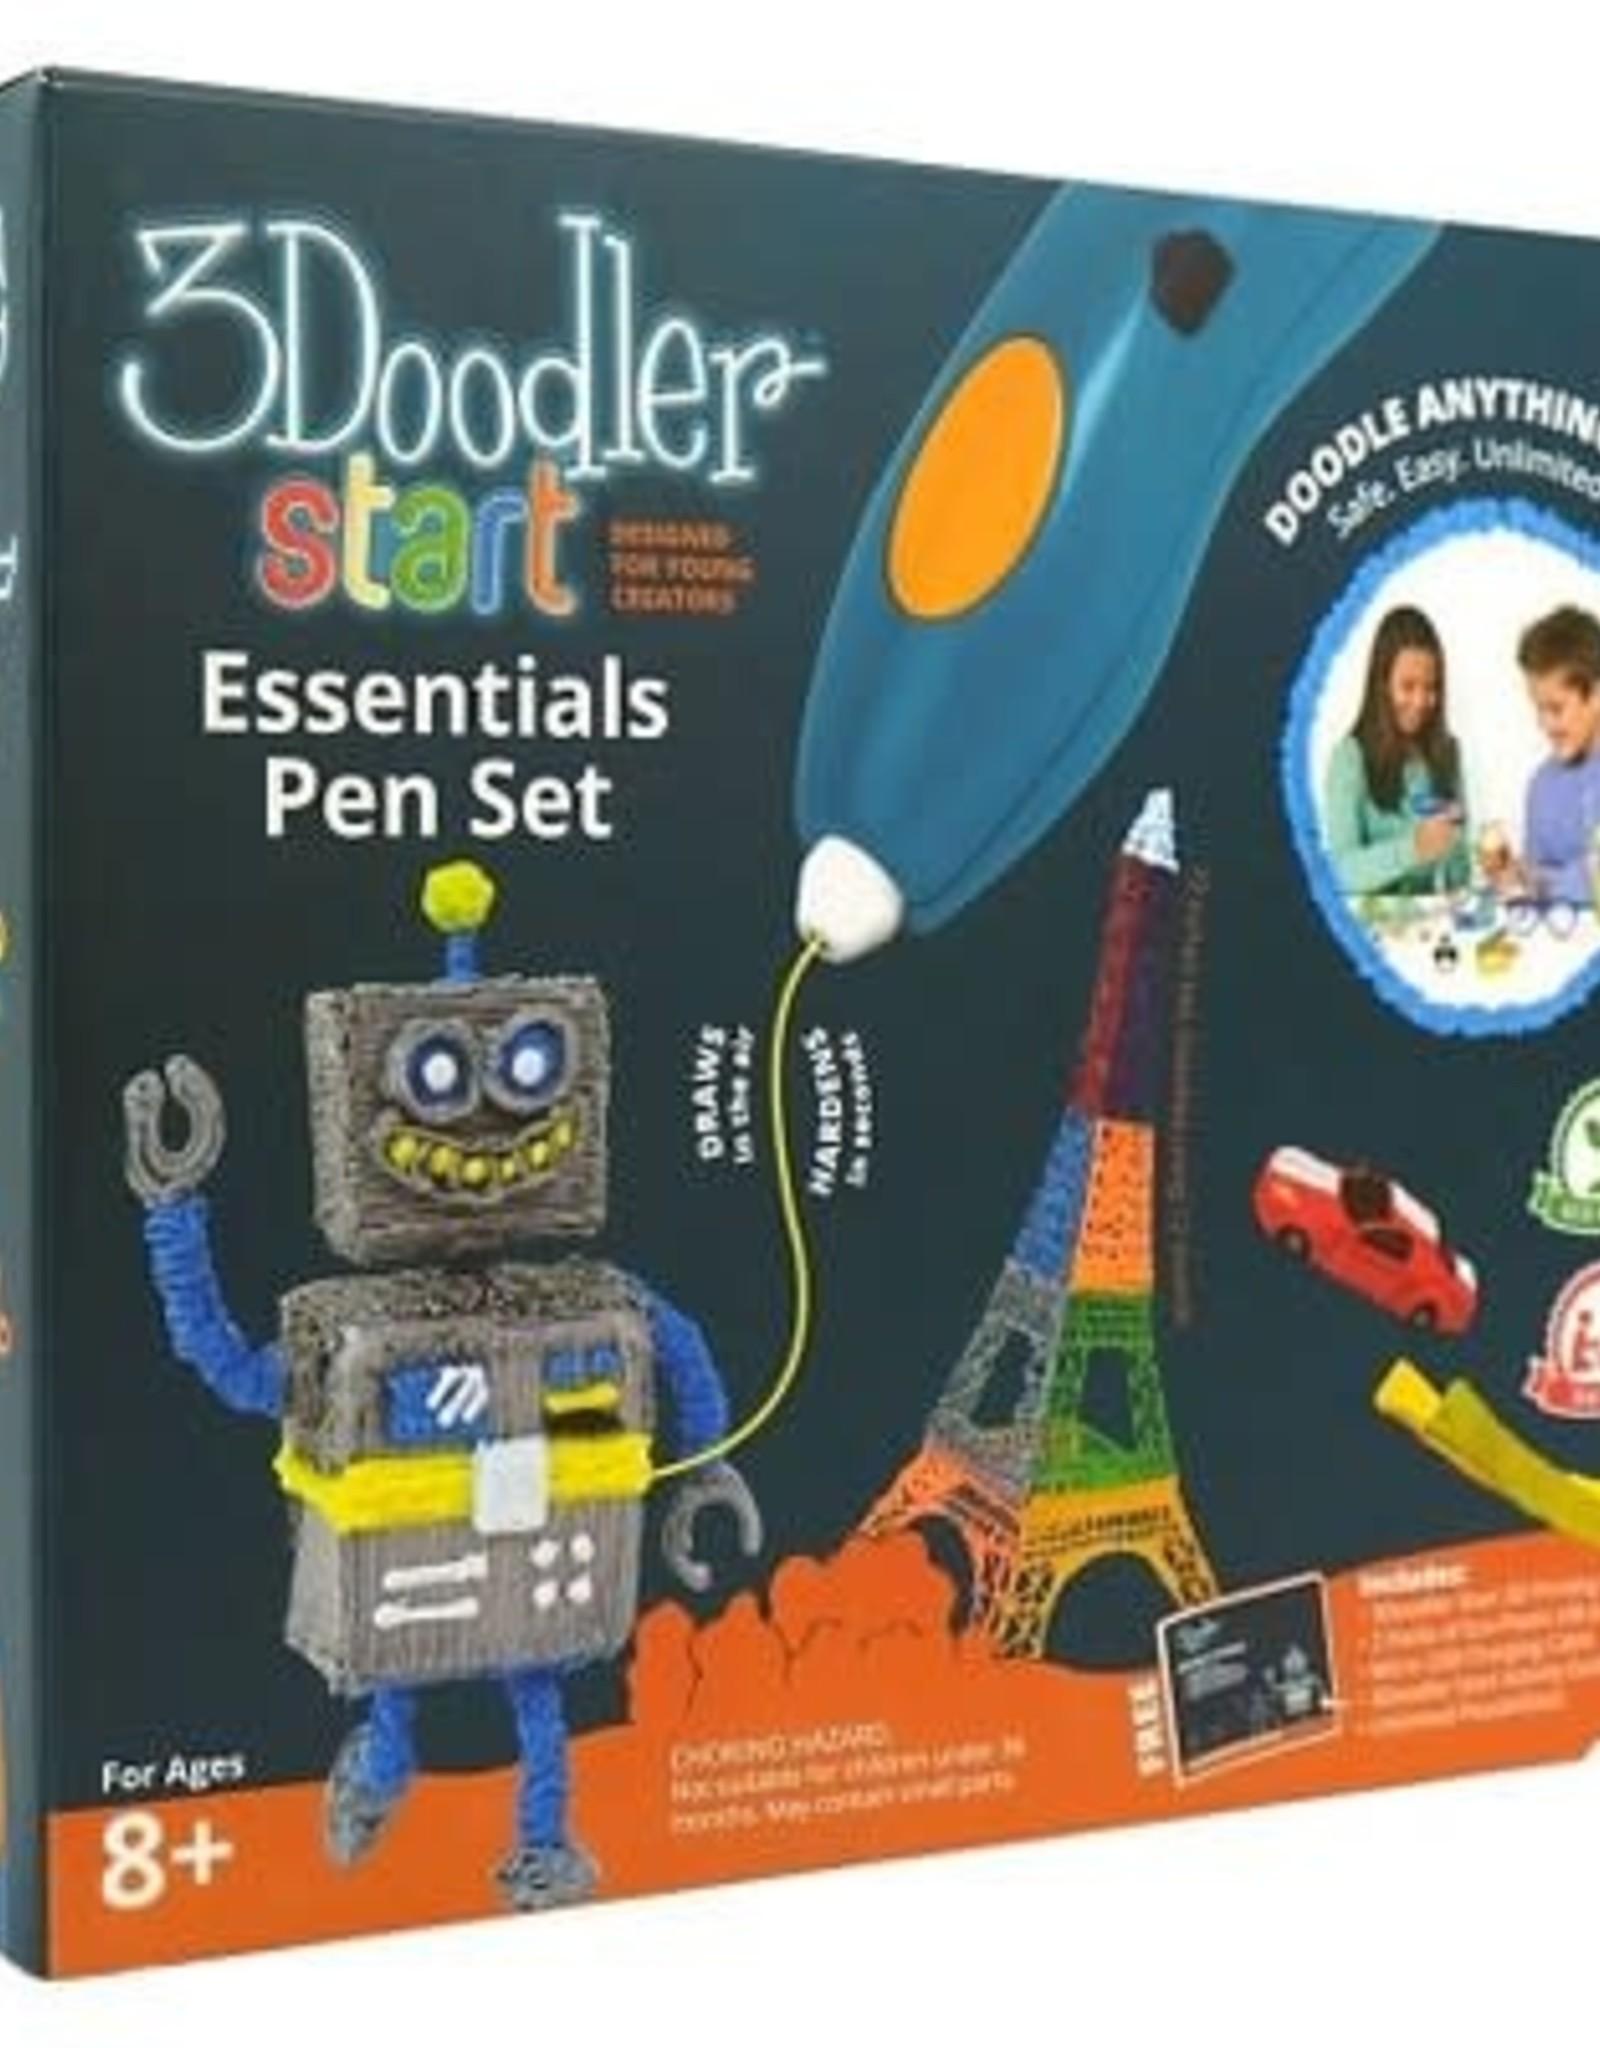 3Doodler START 3D Printing Pen